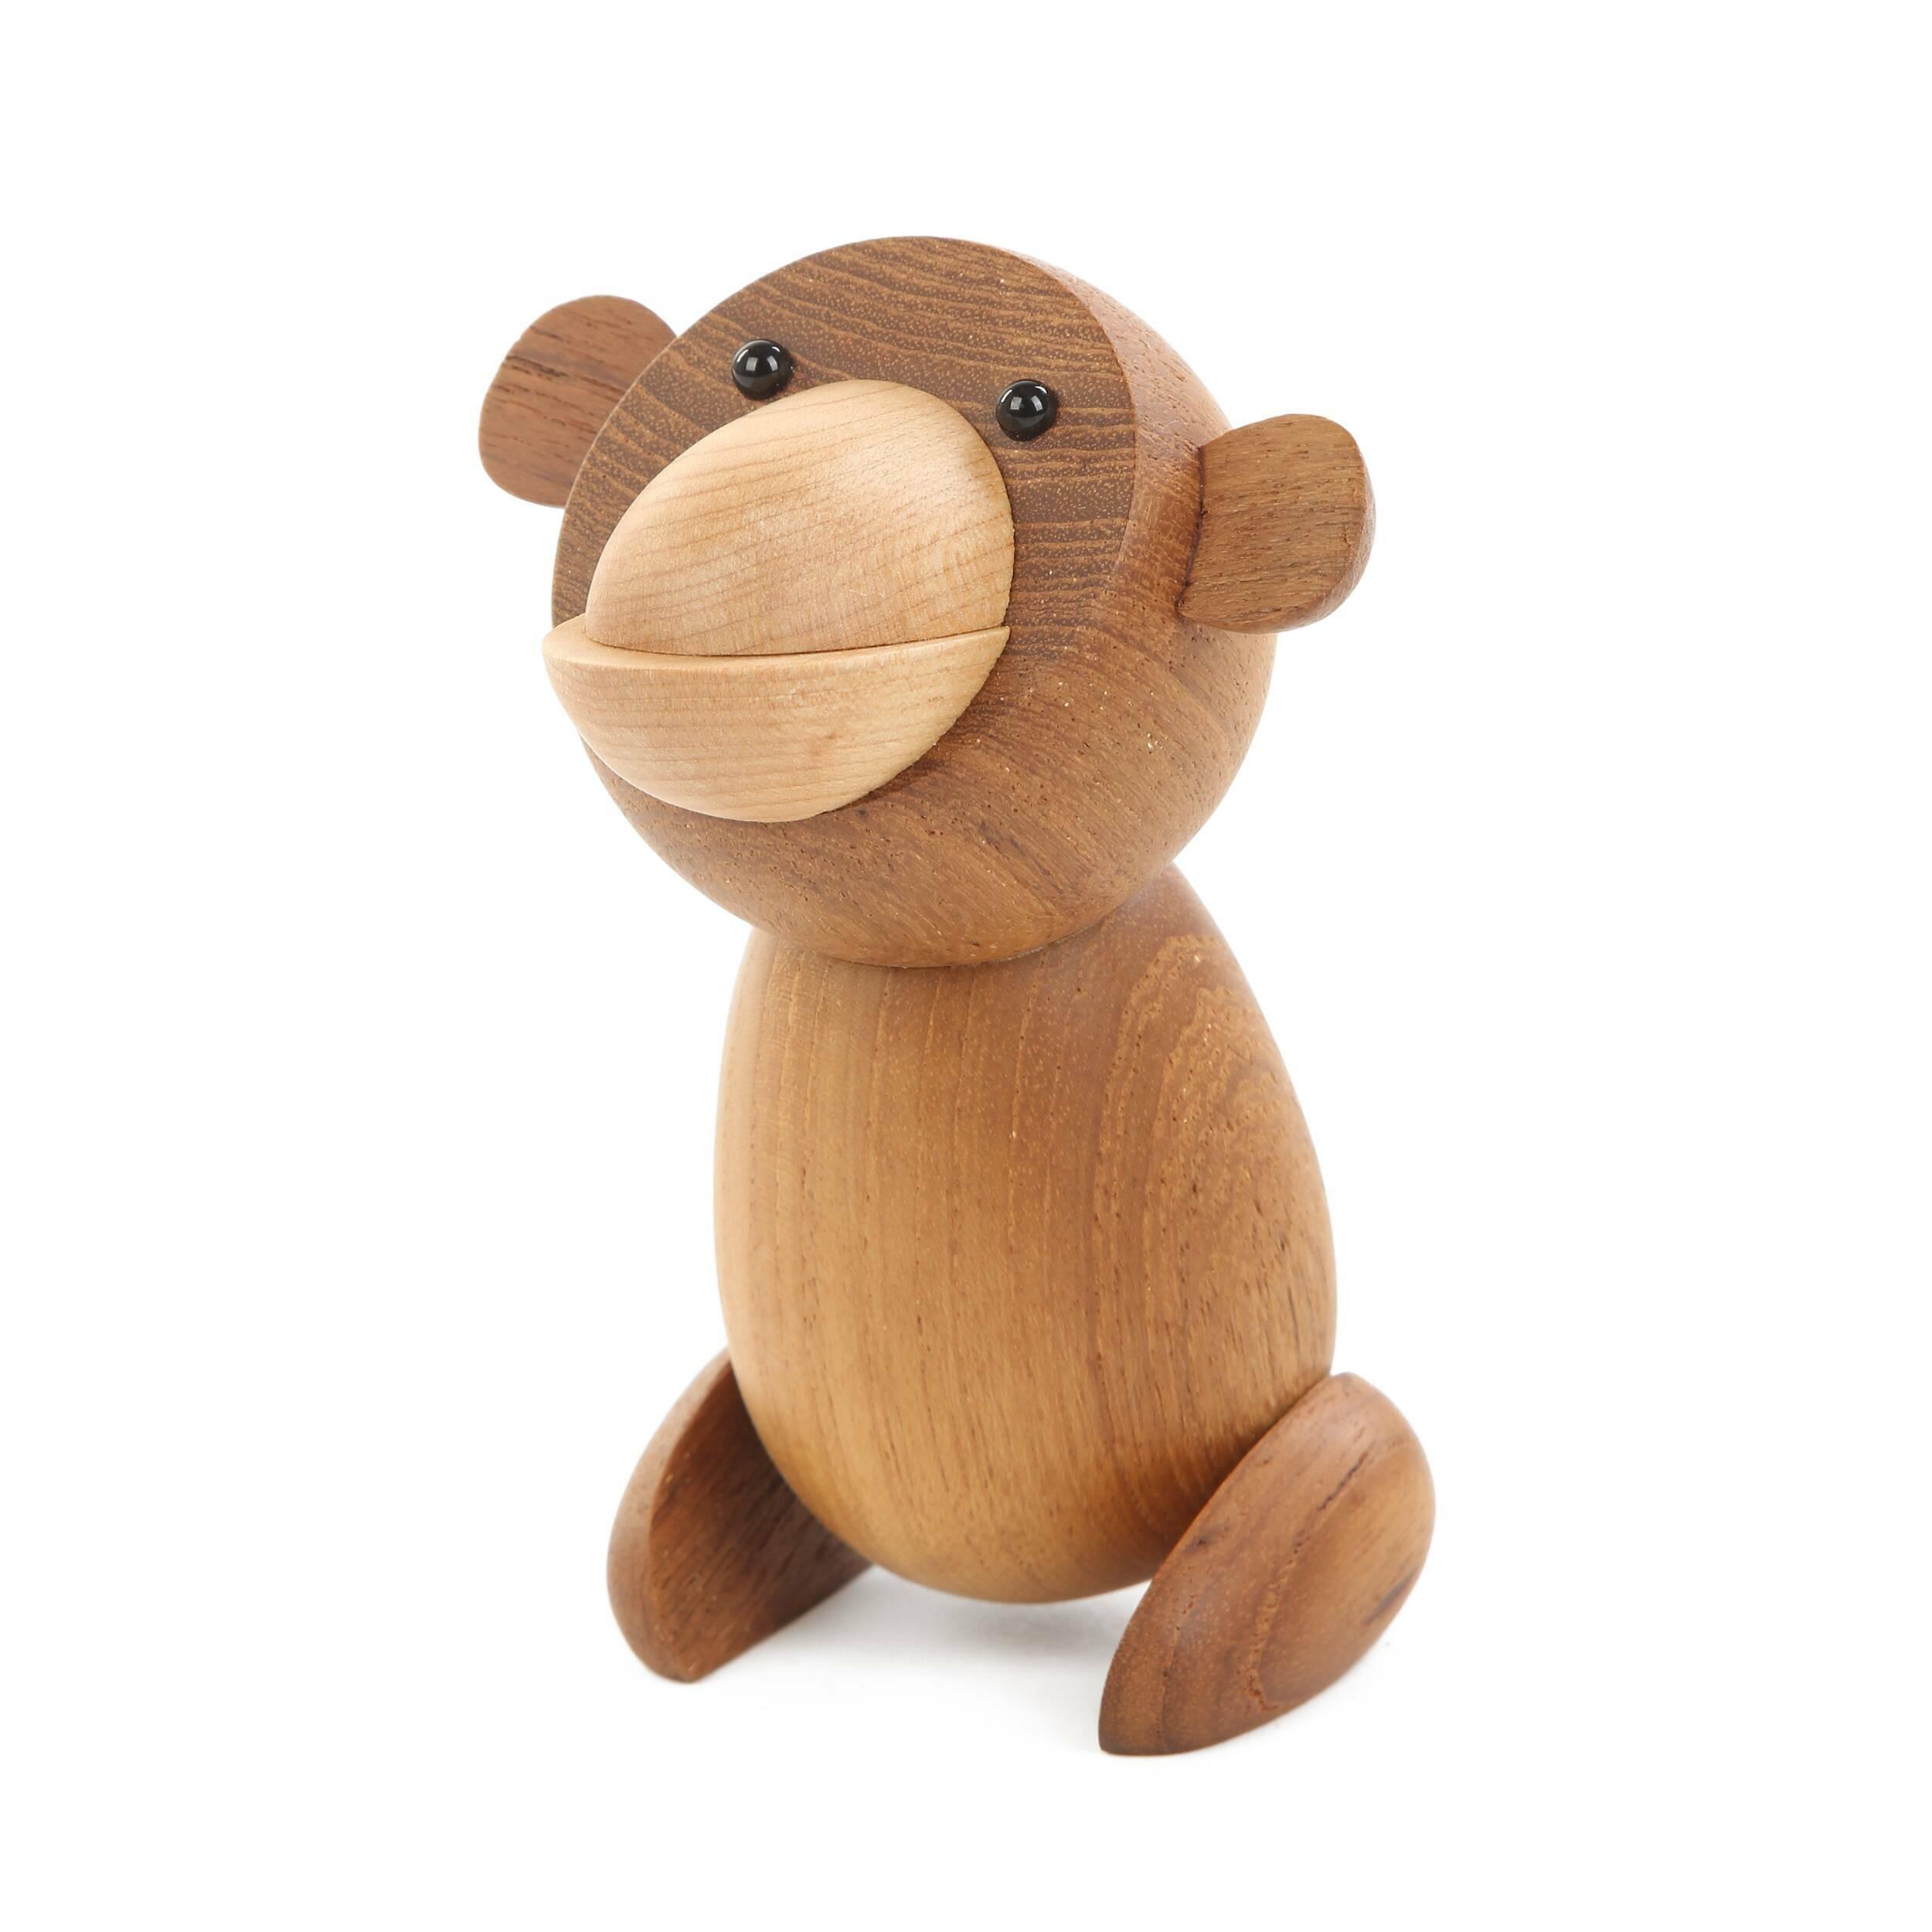 Статуэтка Bear высота 12Настольные<br>Очаровательная оригинальная статуэтка Bear высота 12 отличается веселым характером и яркой индивидуальностью. Такой мишка может стать замечательным компаньоном в комнате ребенка или украшением гостиной комнаты. Один взгляд на него – и настроение поднимается.<br><br><br> Массив тика, из которого изготавливают эту статуэтку, считается экзотичной и очень красивой породой дерева. Кроме красивого оттенка эта древесина отличается высокой прочностью и износостойкостью.<br><br><br> Дизайнерская статуэтка Bear...<br><br>stock: 19<br>Высота: 12<br>Материал: Массив тика<br>Цвет: Коричневый<br>Цвет дополнительный: Светло-коричневый